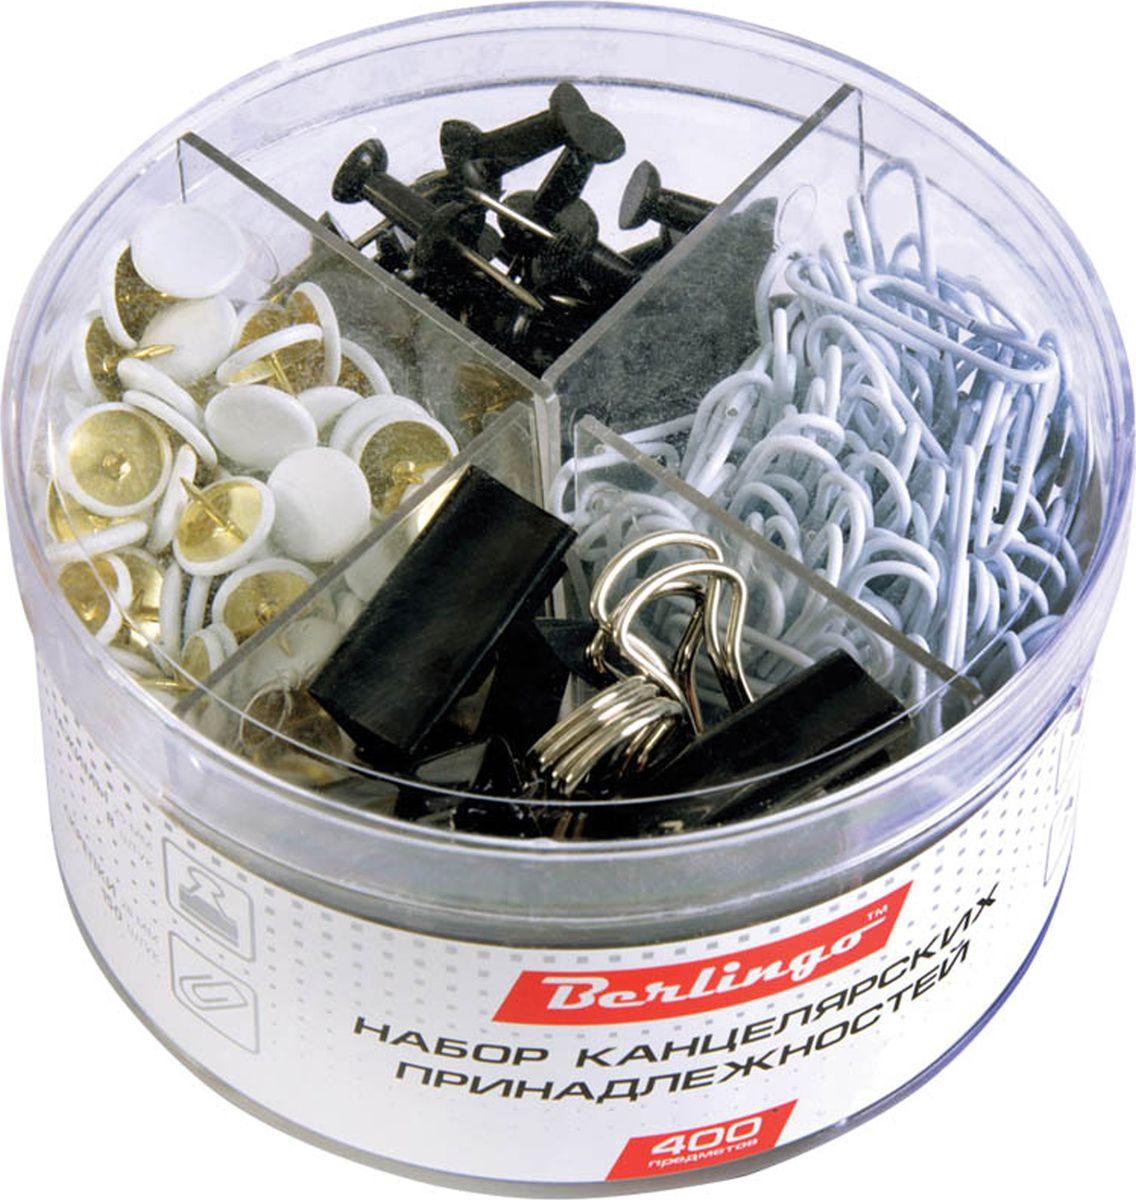 Berlingo Набор офисных принадлежностей 400 штMcn_40006Набор офисных принадлежностей Berlingo включает в себя: зажимы 25 мм (8 штук), скрепки с виниловым покрытием 28 мм (150 штук), кнопки канцелярские ( 190 штук),силовые кнопки (52 штуки).Упаковка - пластиковый цилиндр с отделениями для каждого вида товара.